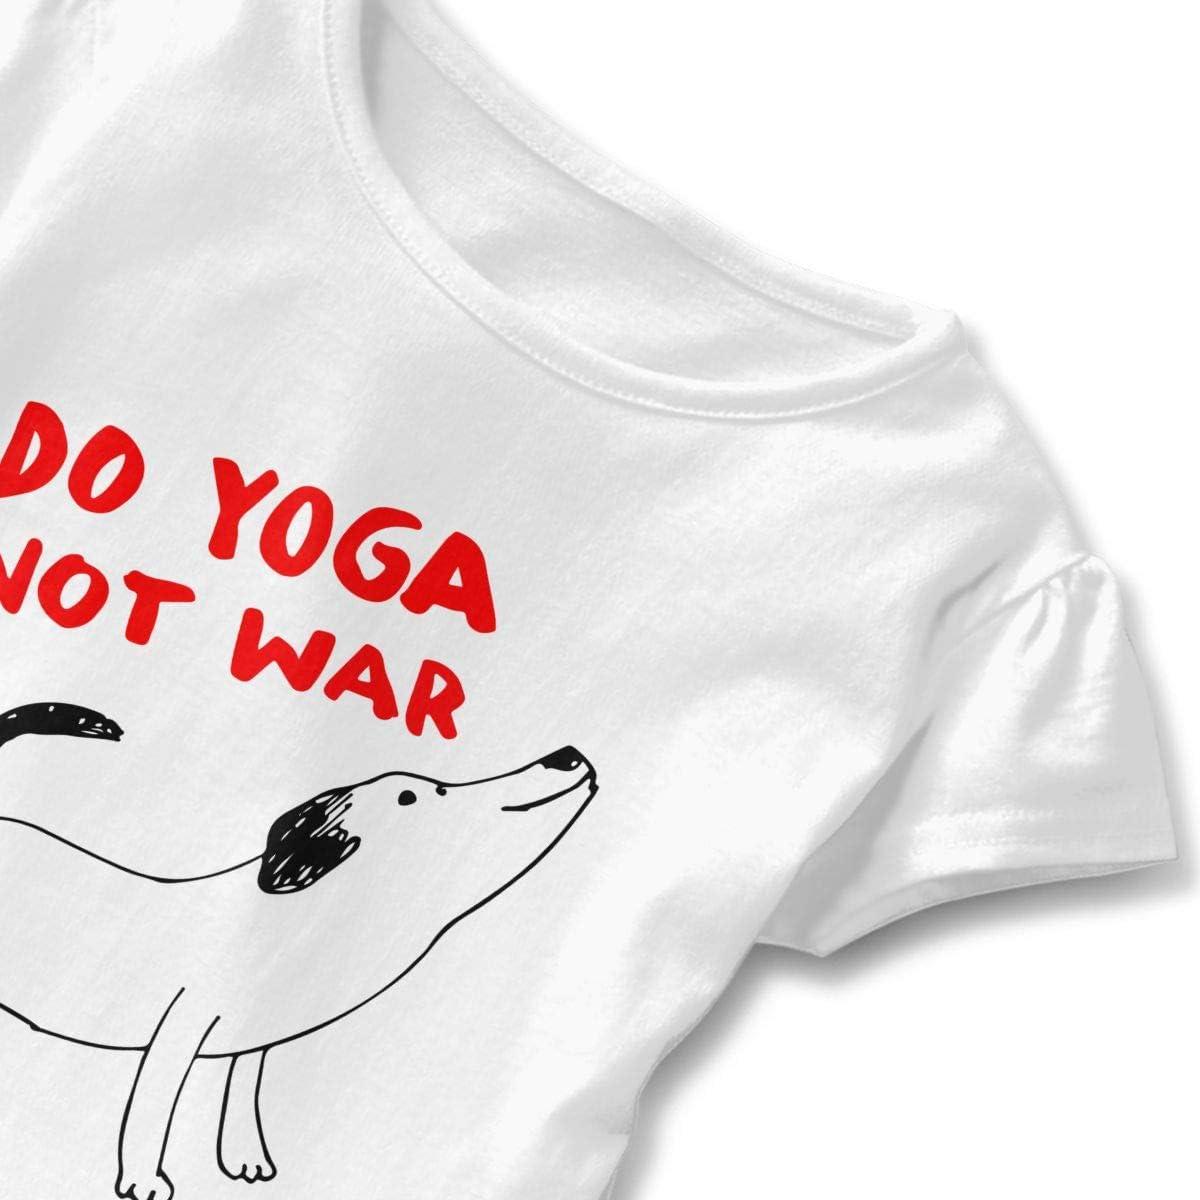 DO Yoga NOT WAR Dog Toddler Baby Girl Short Sleeve Fashion Tops